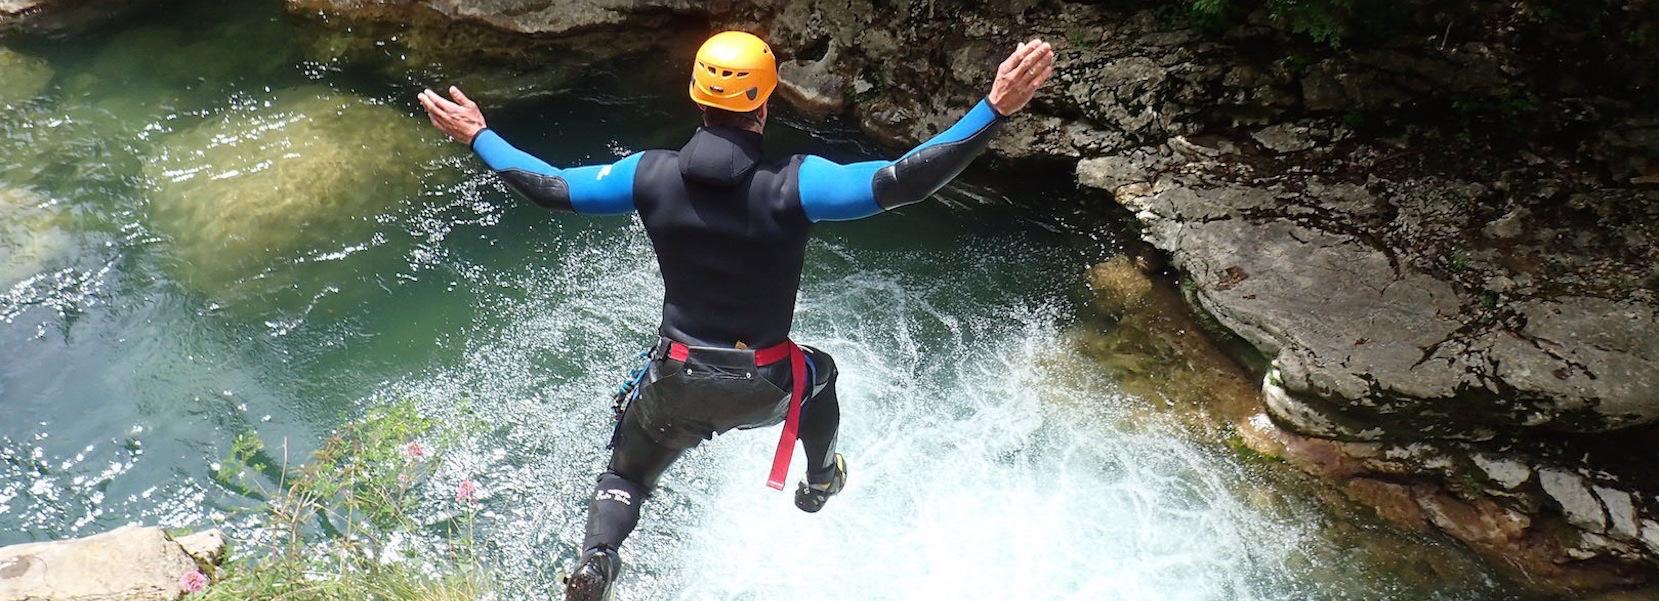 Initiation canyoning dans les Alpes Maritimes proche de NIce Cannes Antibes Grasse ou Monaco.Canyon des Gorges du loup, de Barbaira ou de la Maglia.